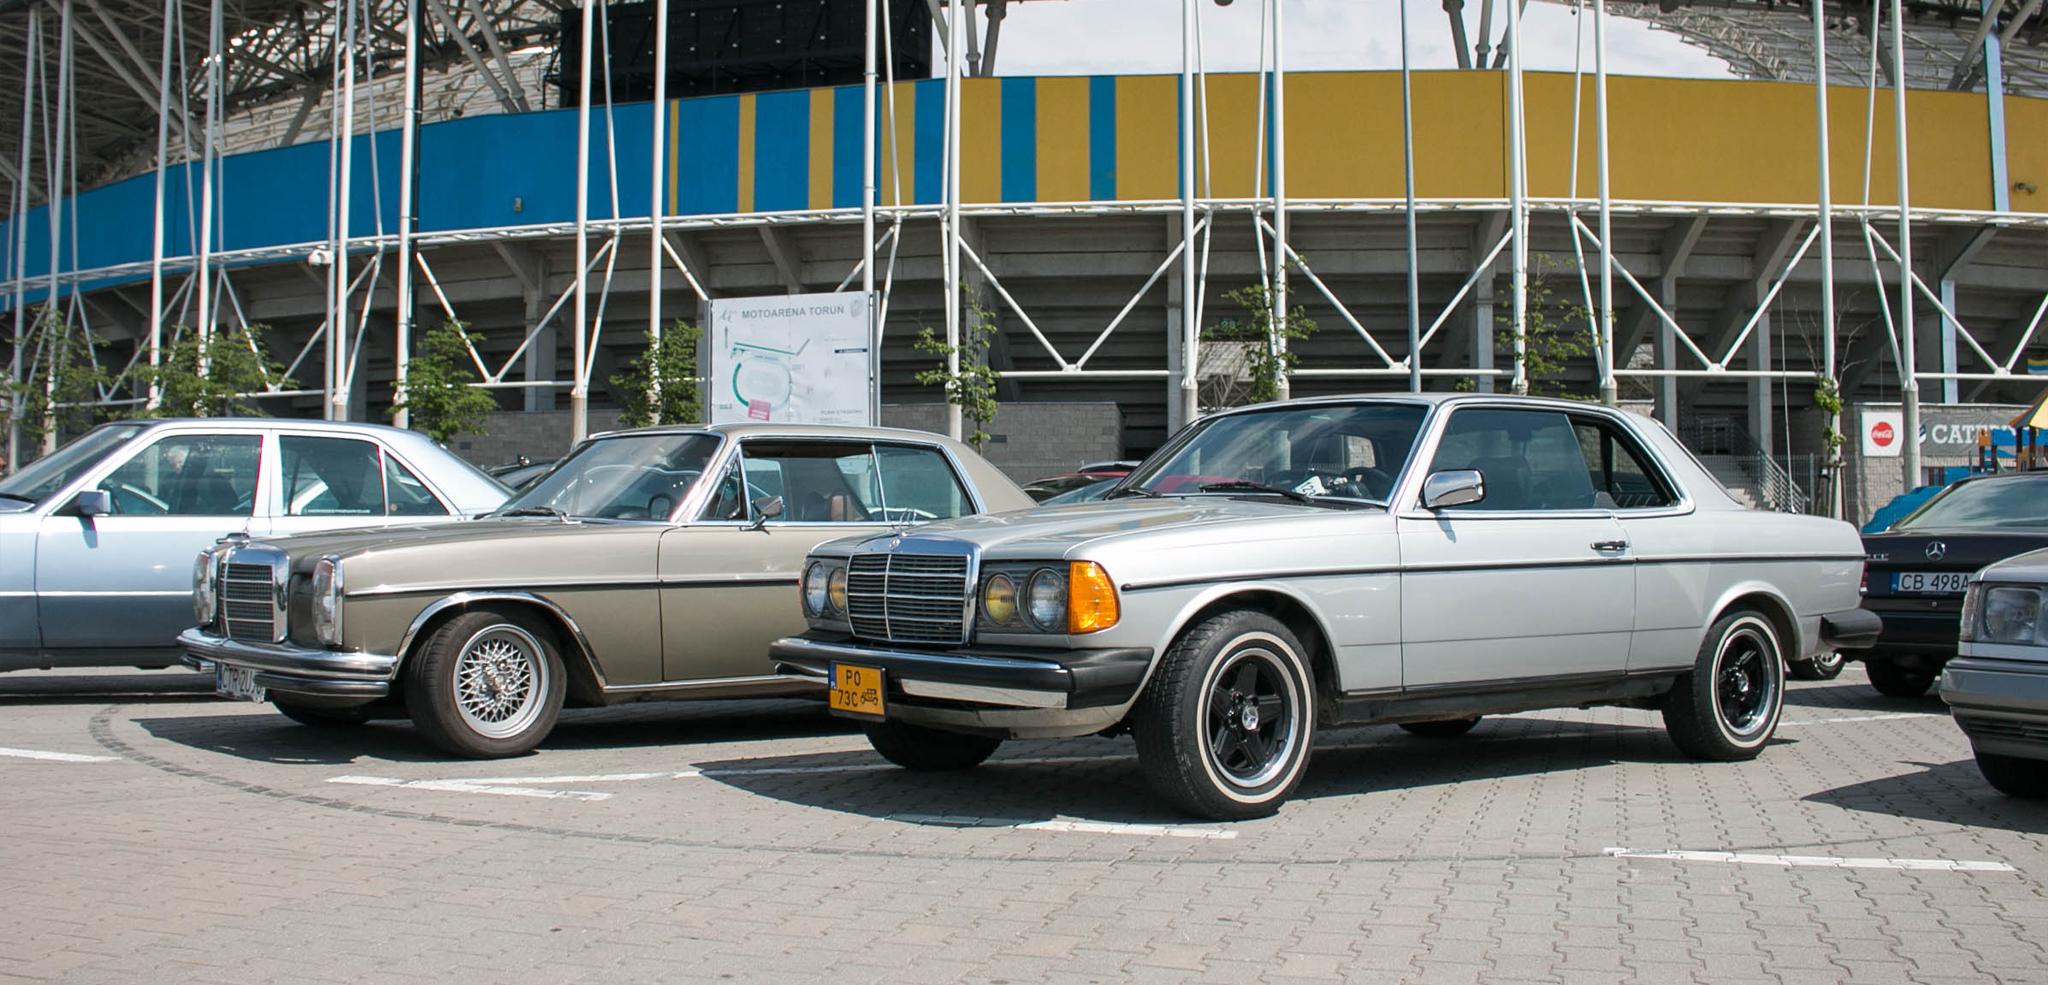 Toruń stolicą Mercedesów.